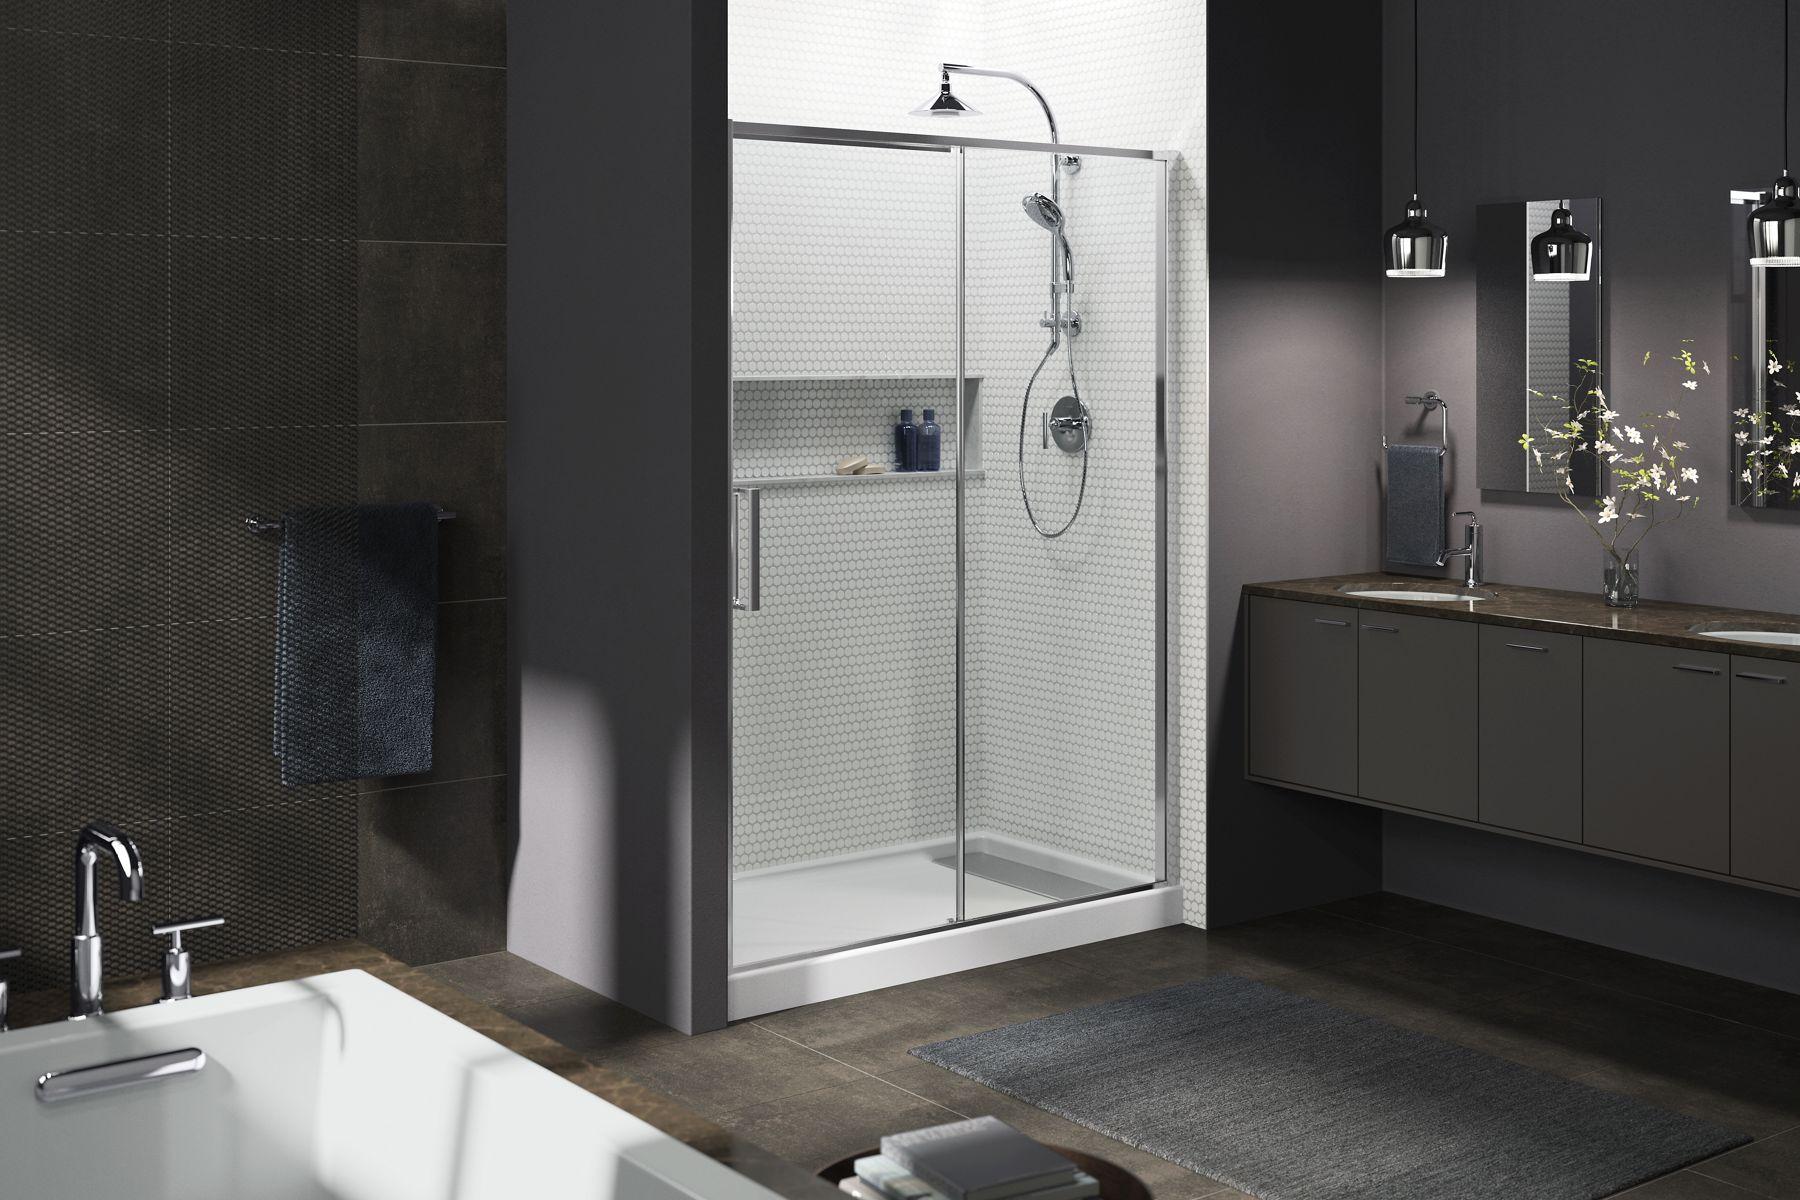 Showering | Bathroom | KOHLER